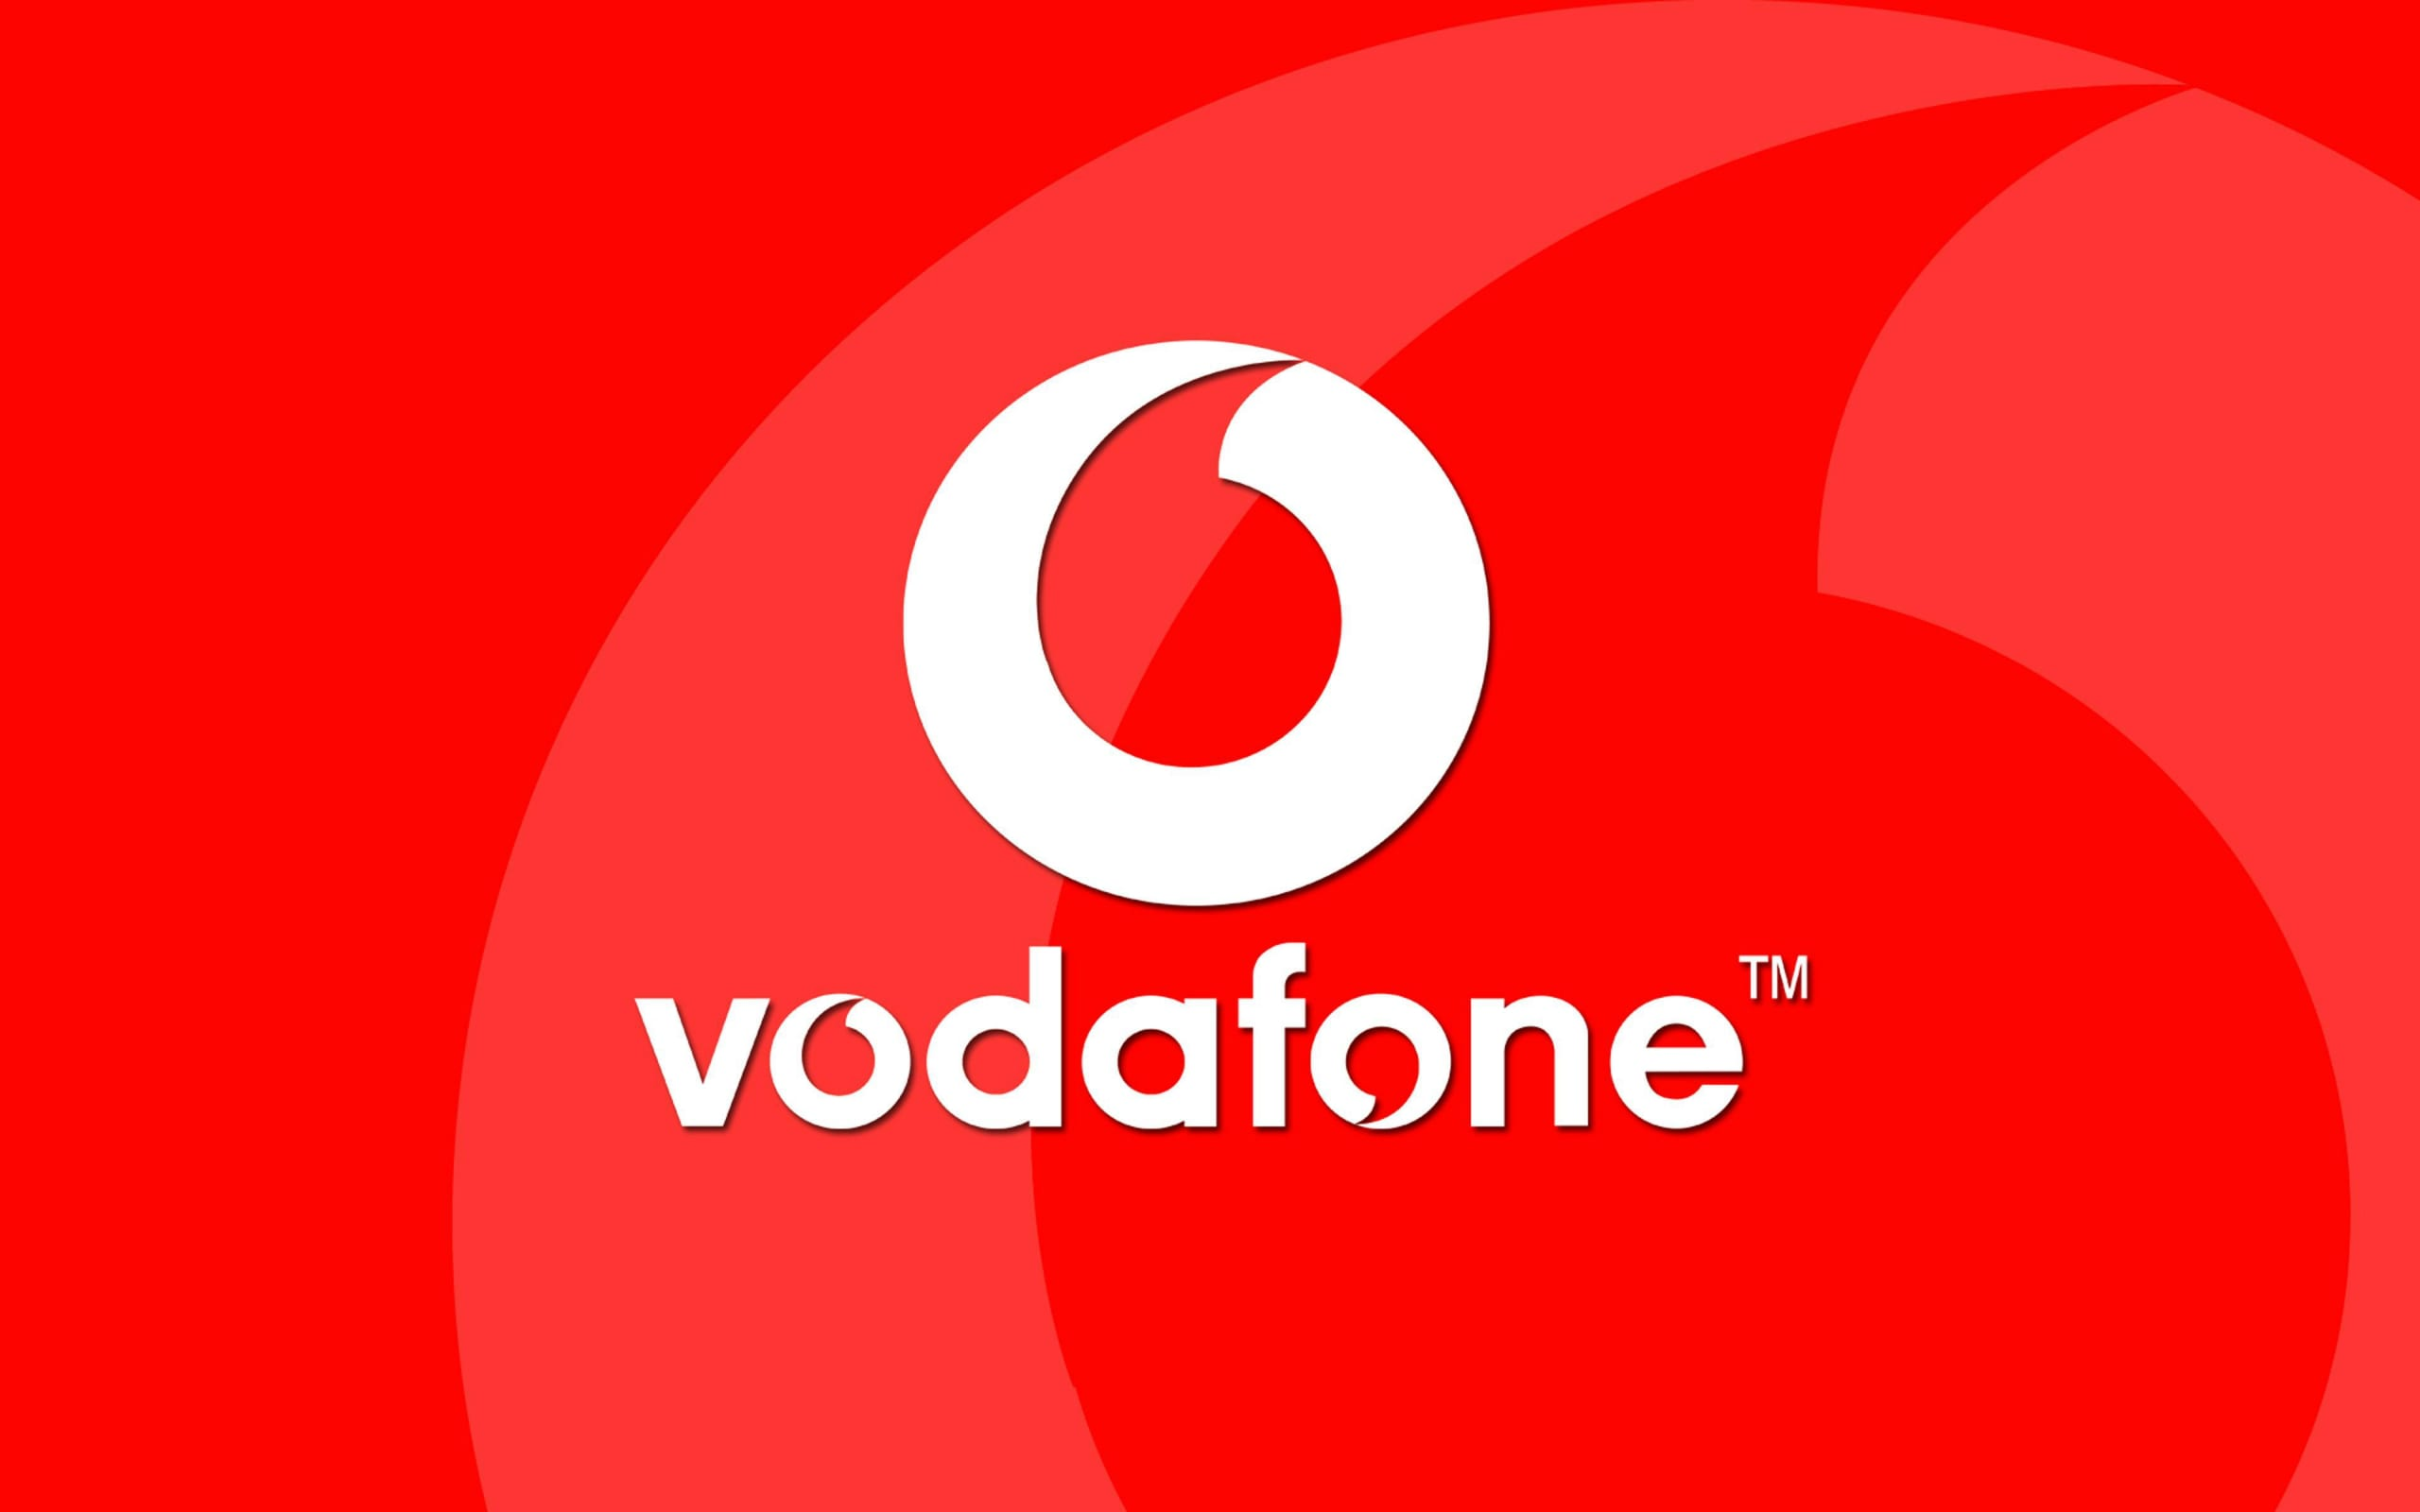 Vodafone si scusa per i disservizi di ieri: regala 1 mese di Giga illimitati